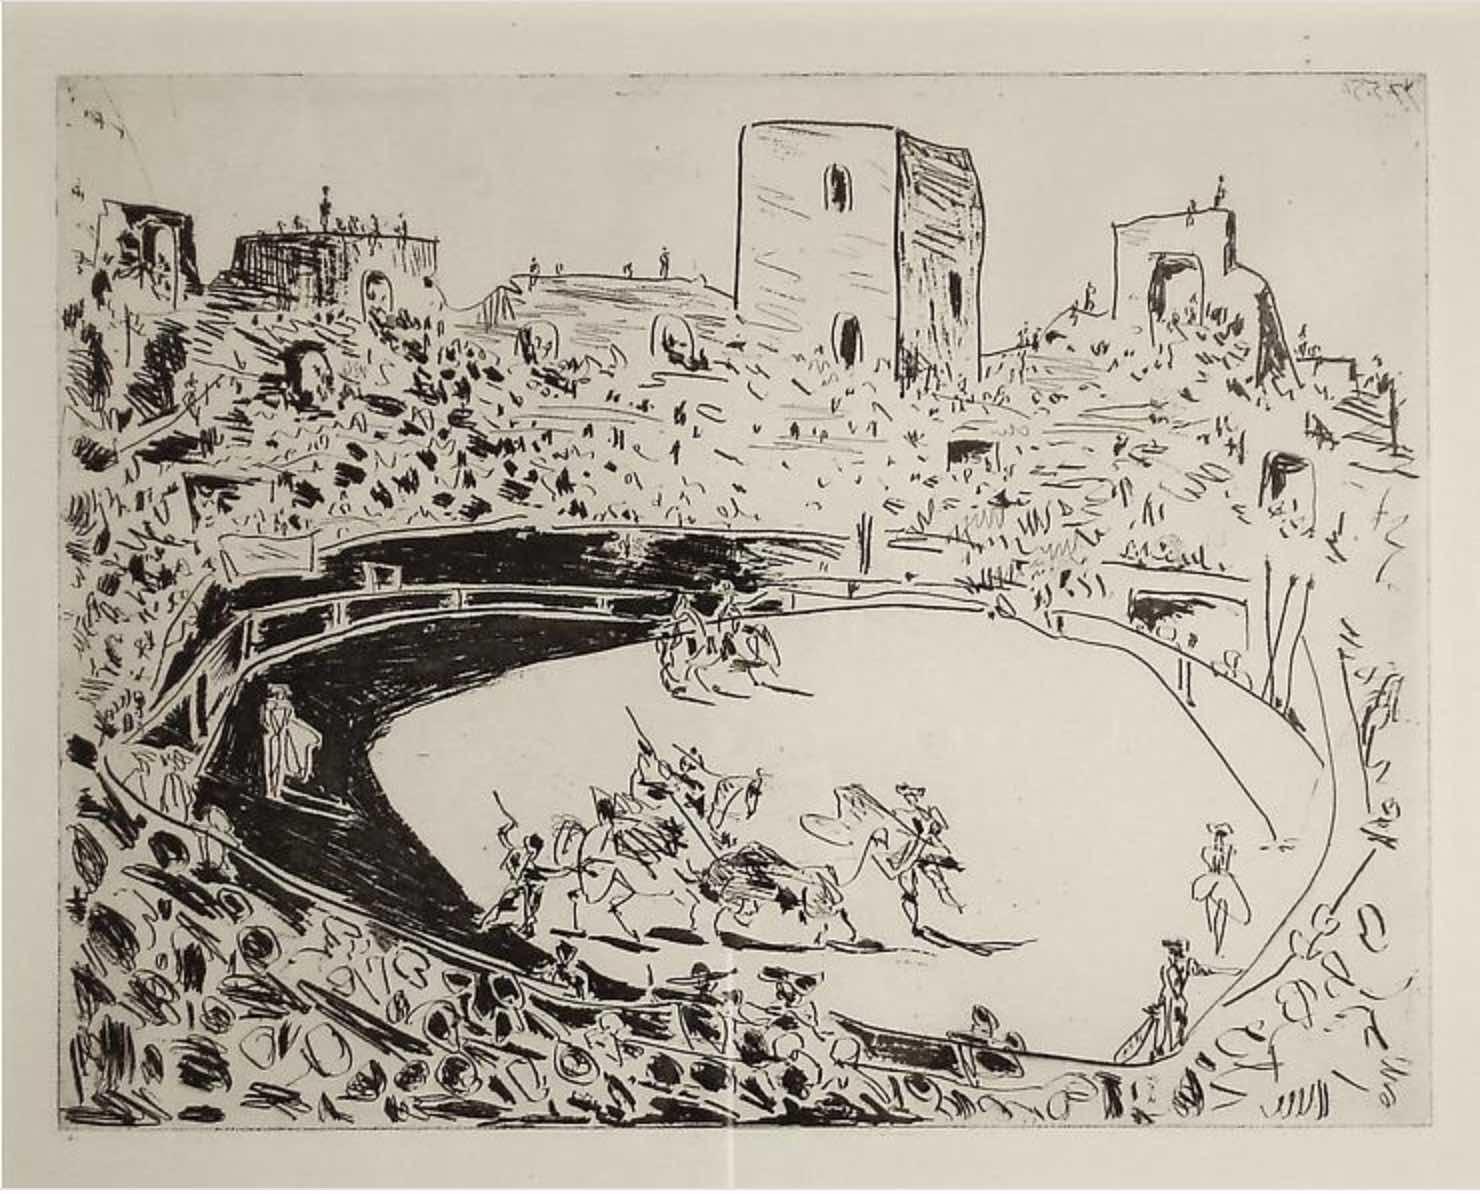 Corrida en Arles by Picasso